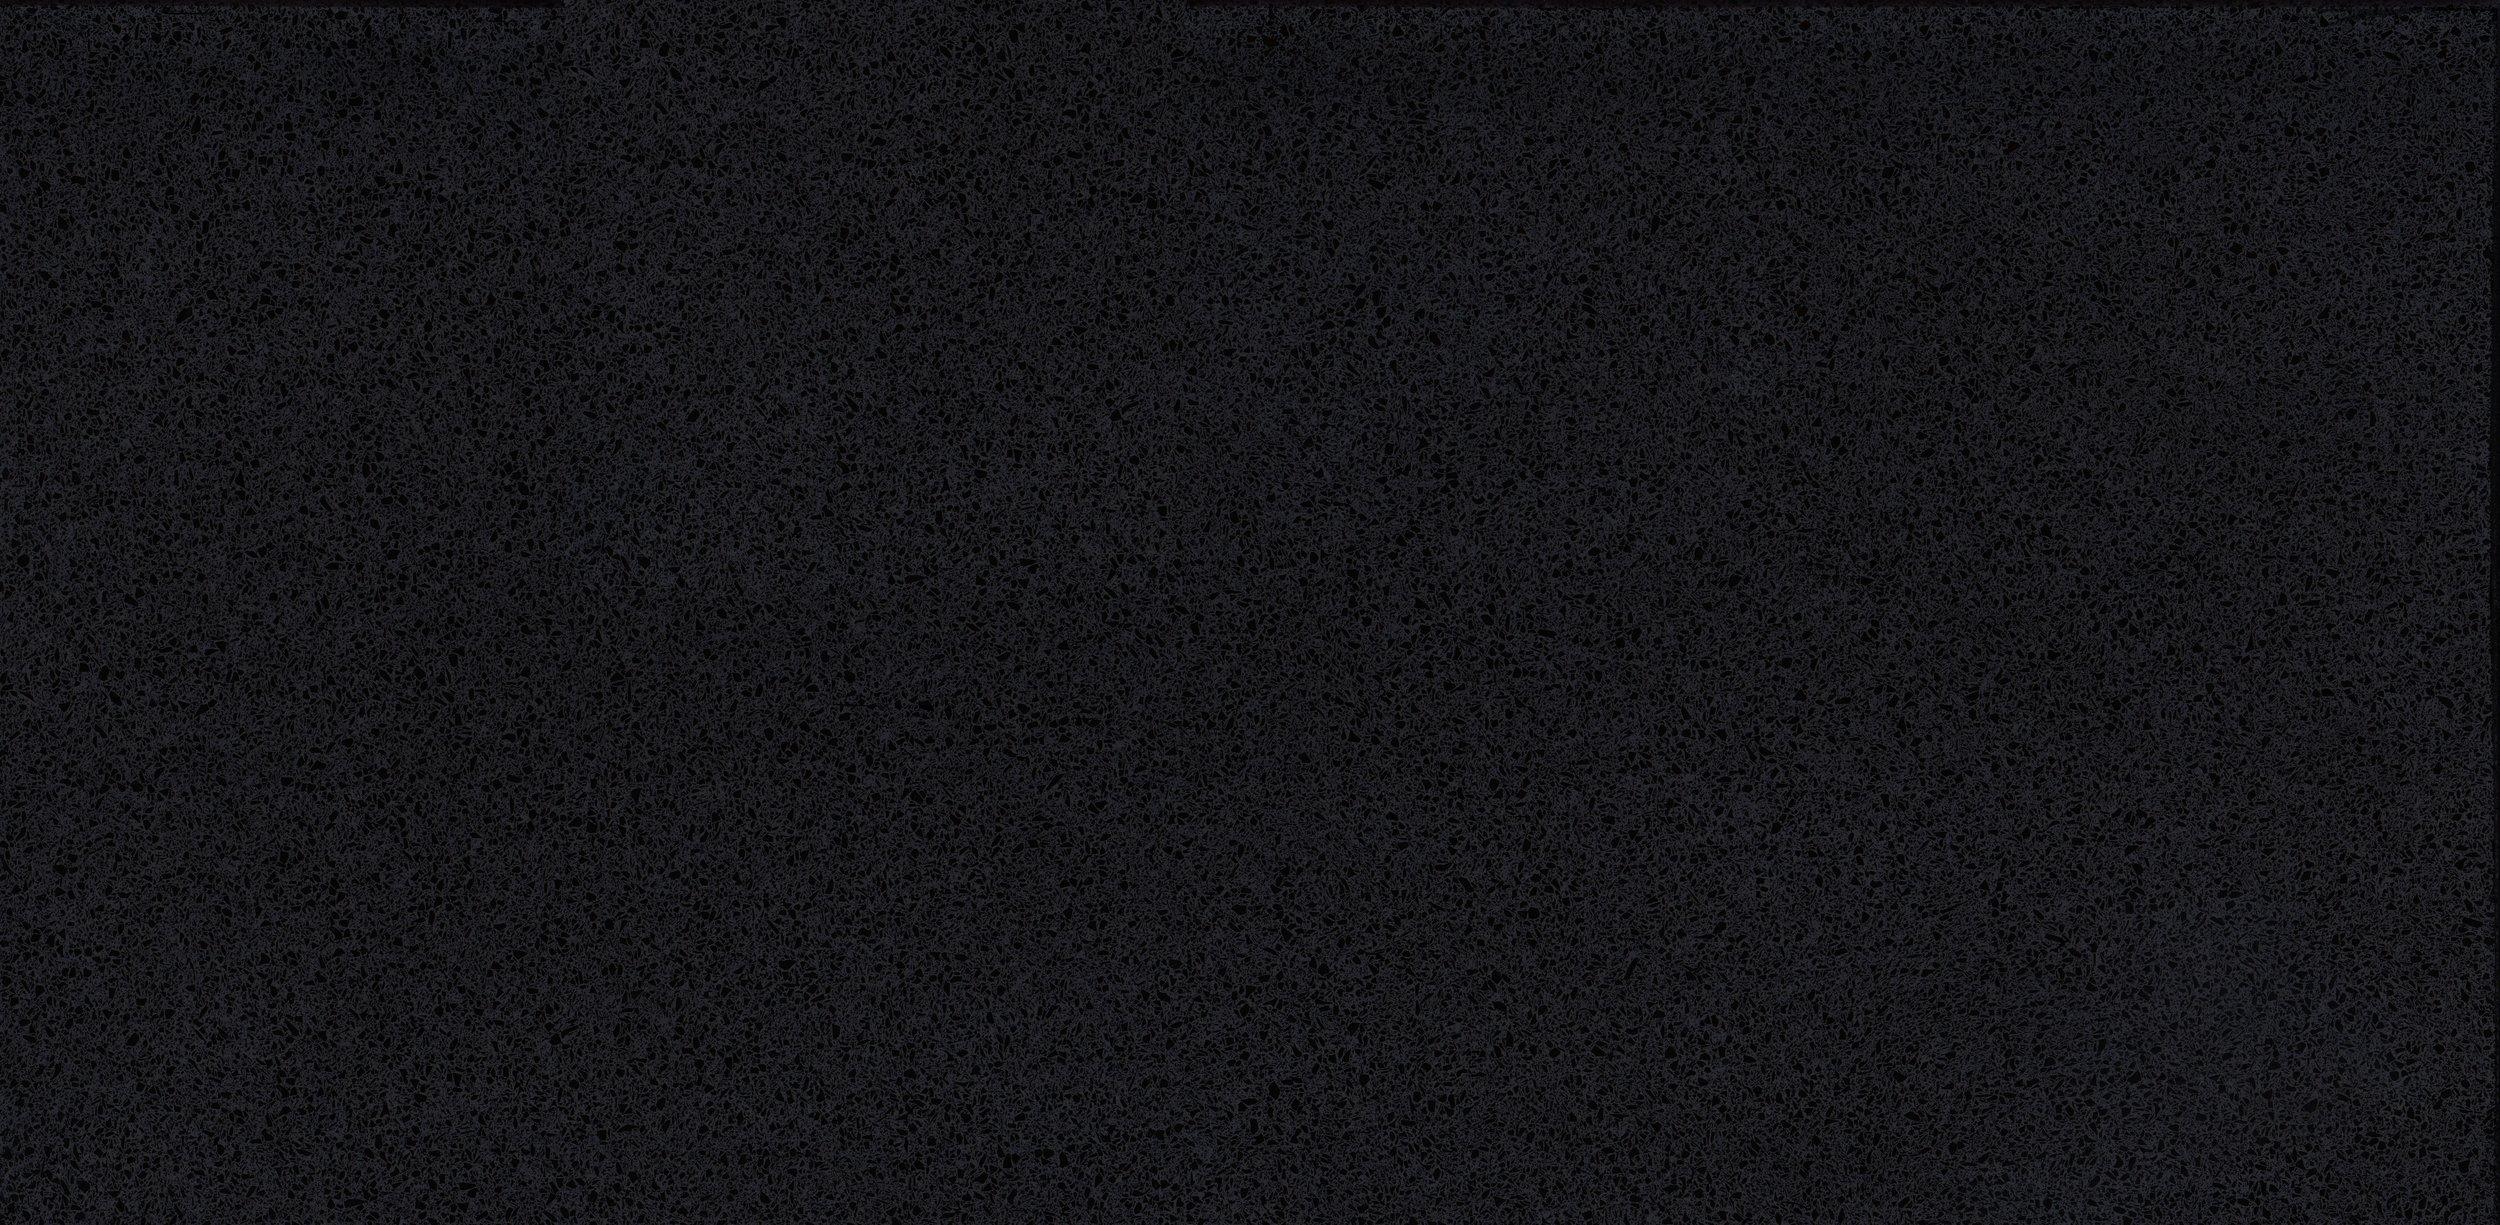 CQ900 Zen Black Close Up